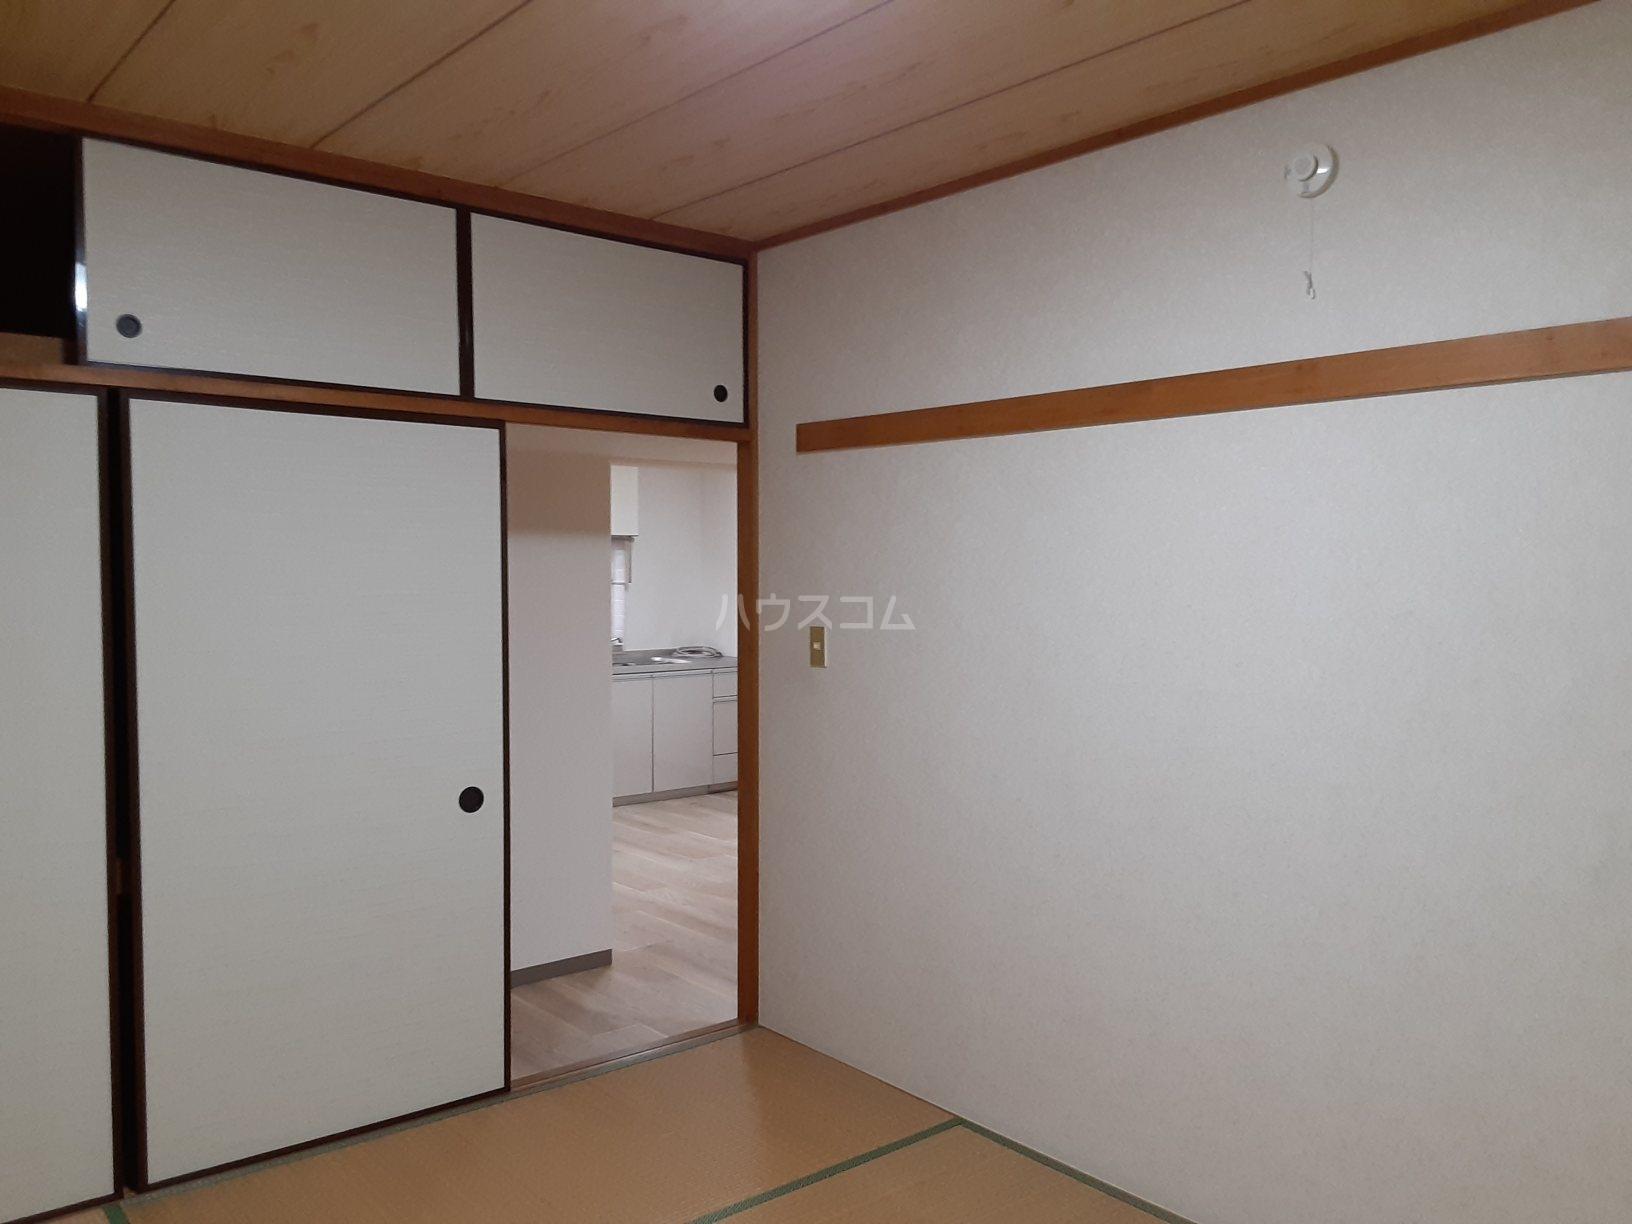 柿木台高橋マンション 104号室のバルコニー